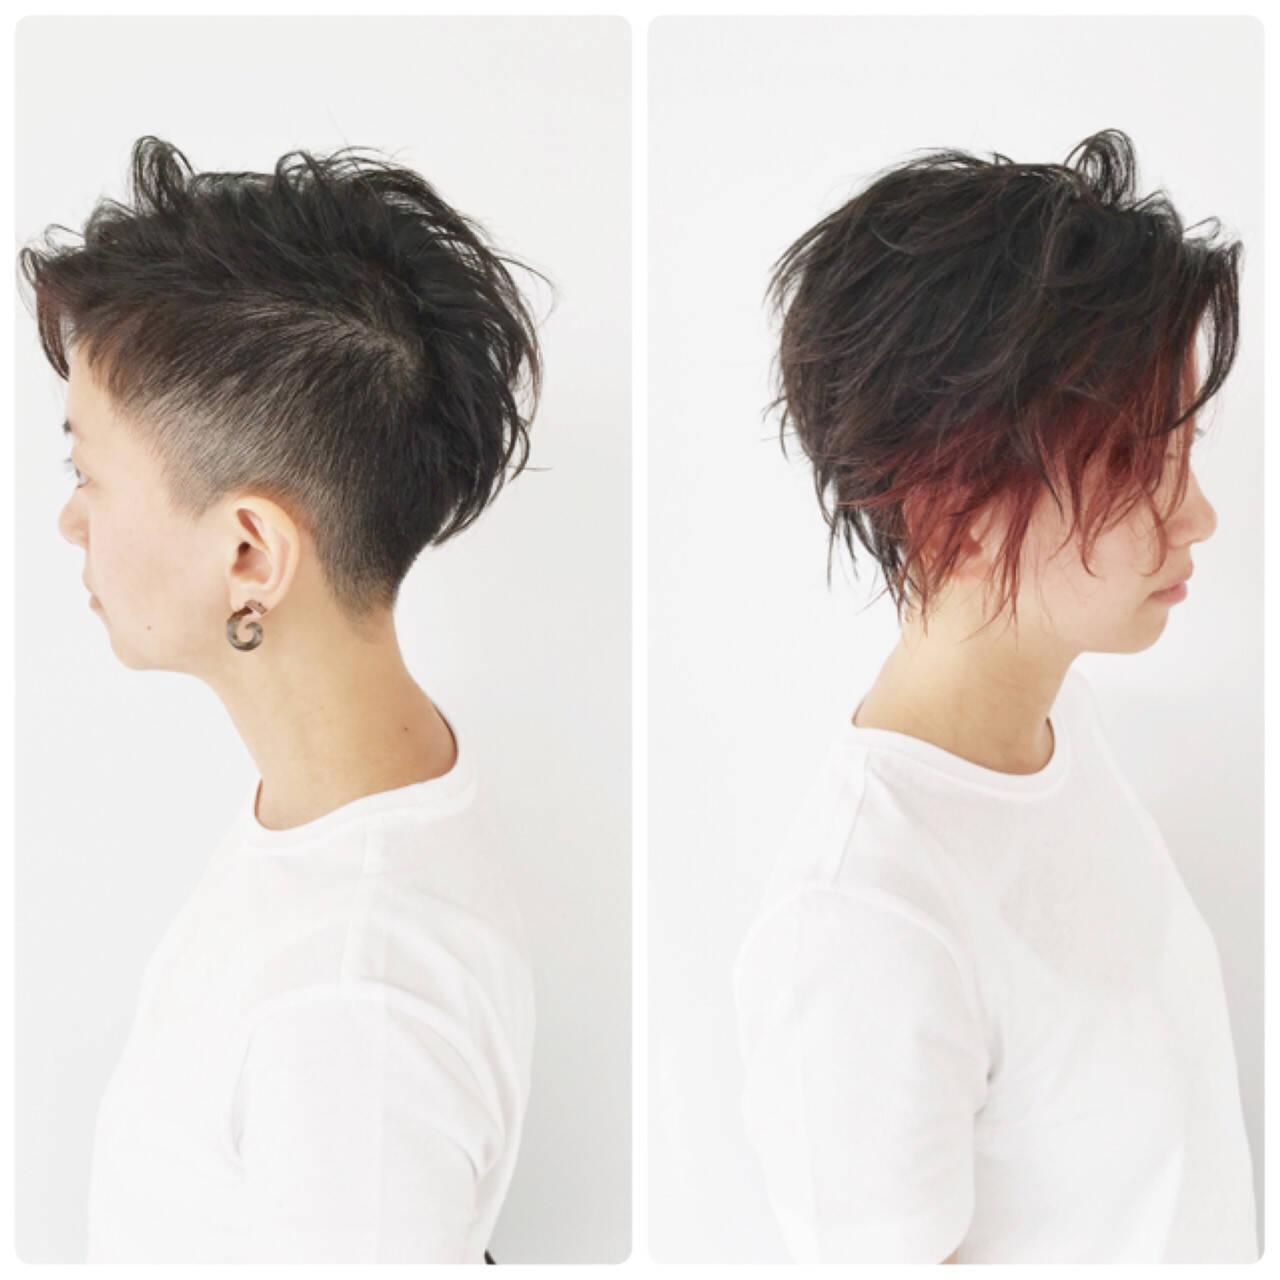 スポーツ ショート ハイライト ブリーチヘアスタイルや髪型の写真・画像